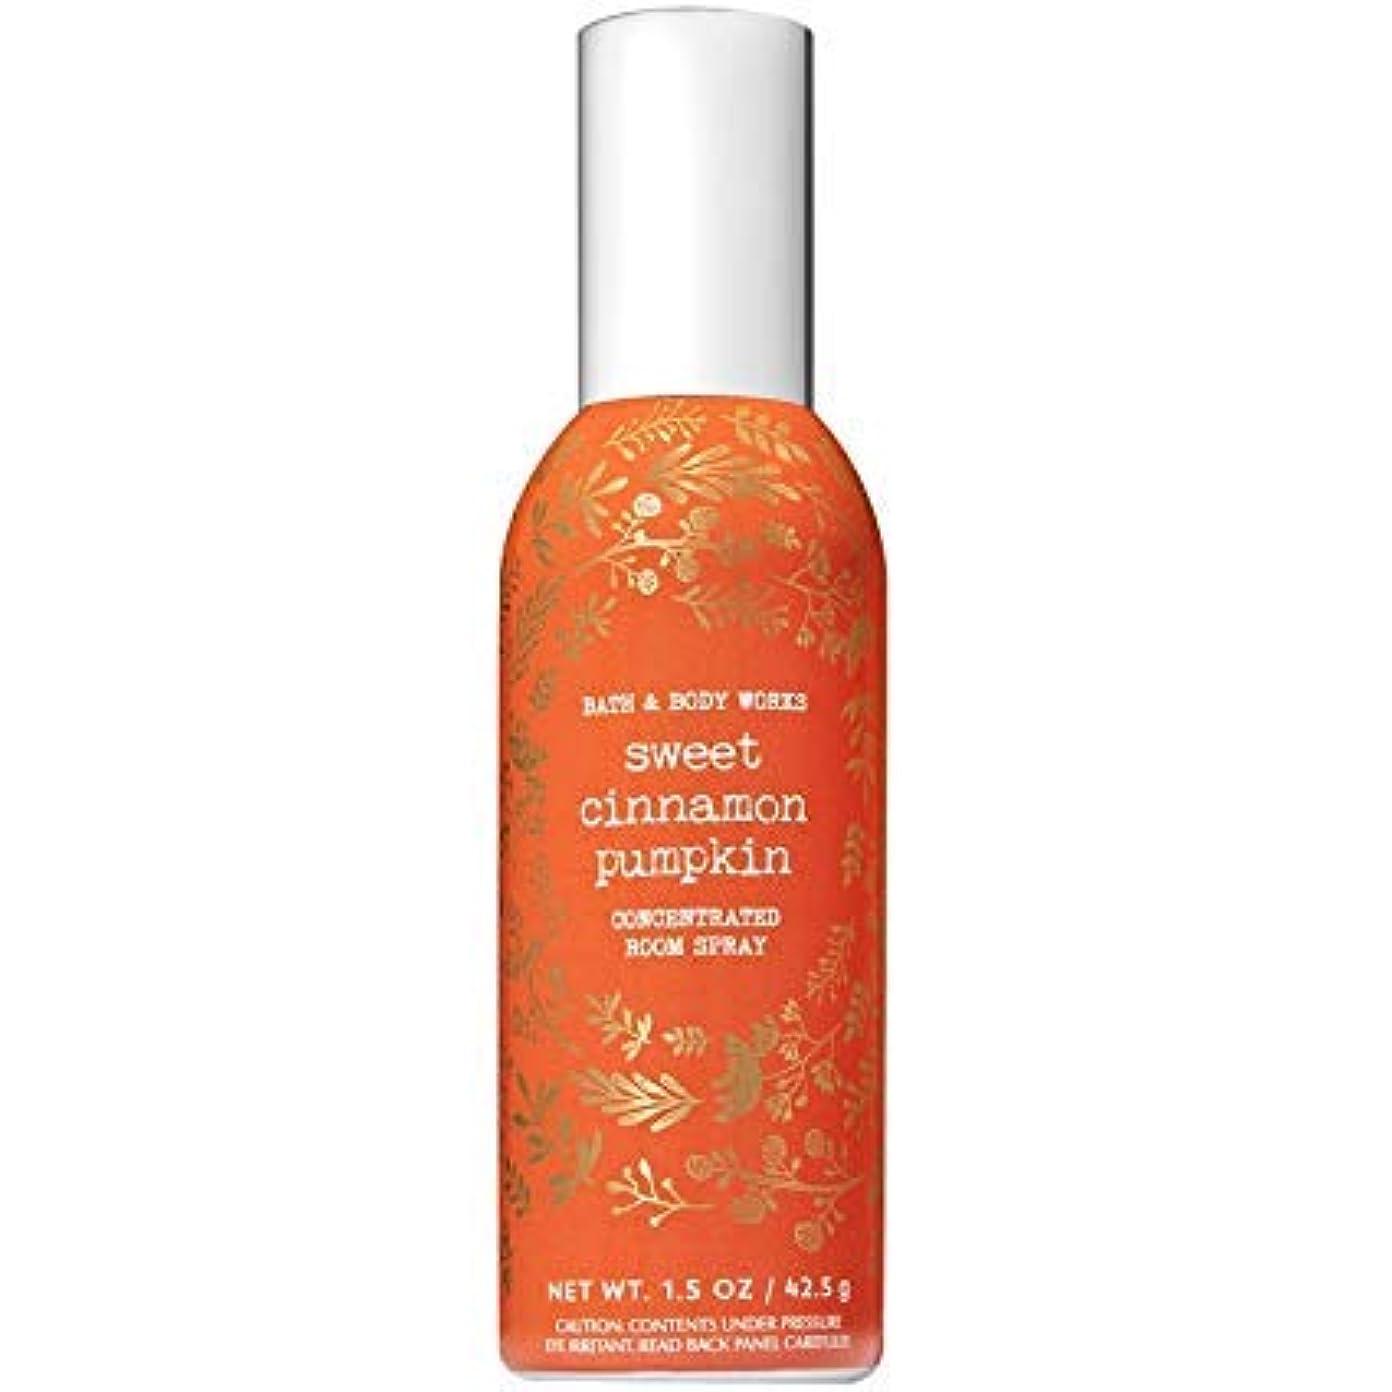 哲学博士ジュース山岳【Bath&Body Works/バス&ボディワークス】 ルームスプレー スイートシナモンパンプキン 1.5 oz. Concentrated Room Spray/Room Perfume Sweet Cinnamon Pumpkin [並行輸入品]